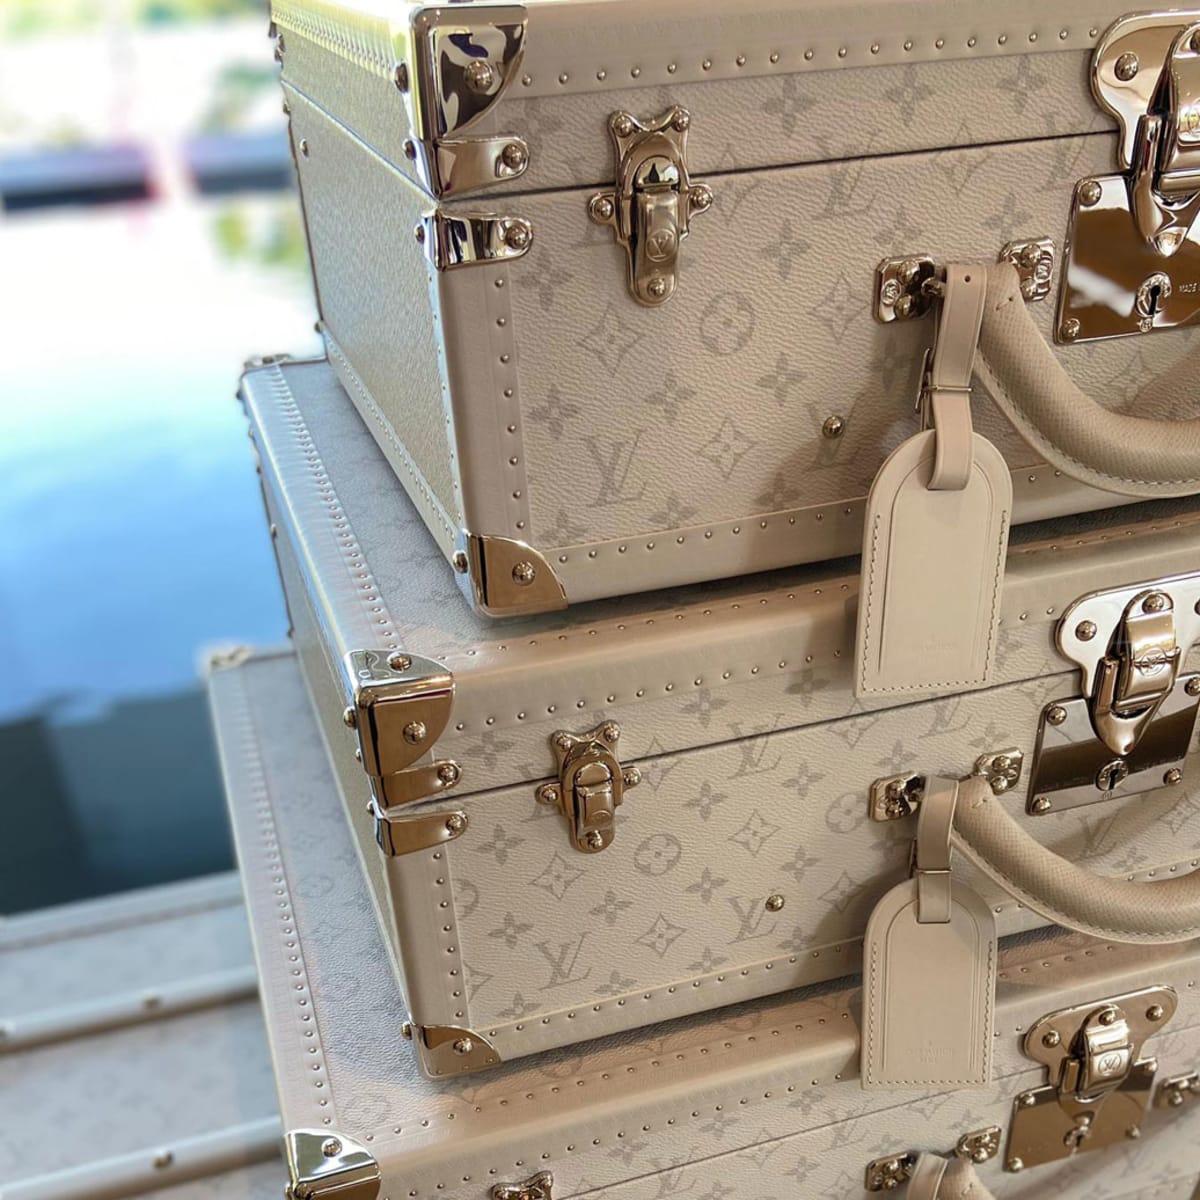 Fashion-Weekly-Louis-Vuitton-zeigt-wie-Reisen-wirklich-geht